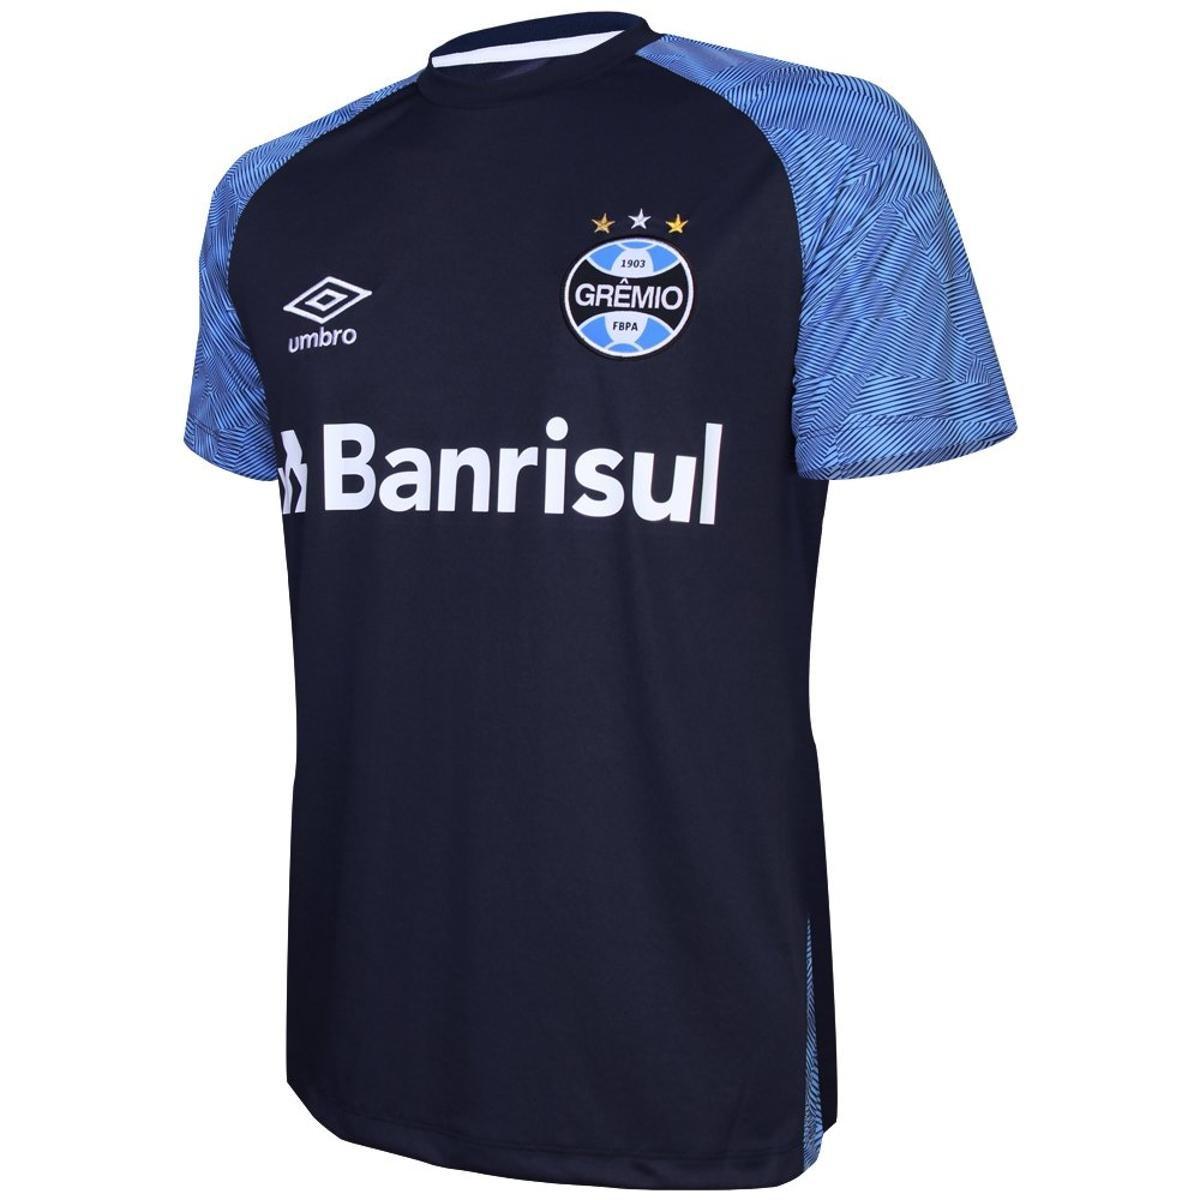 Camisa Umbro Grêmio Treino 2018 Masculina - Azul - Compre Agora ... 6ca80087ba5c1